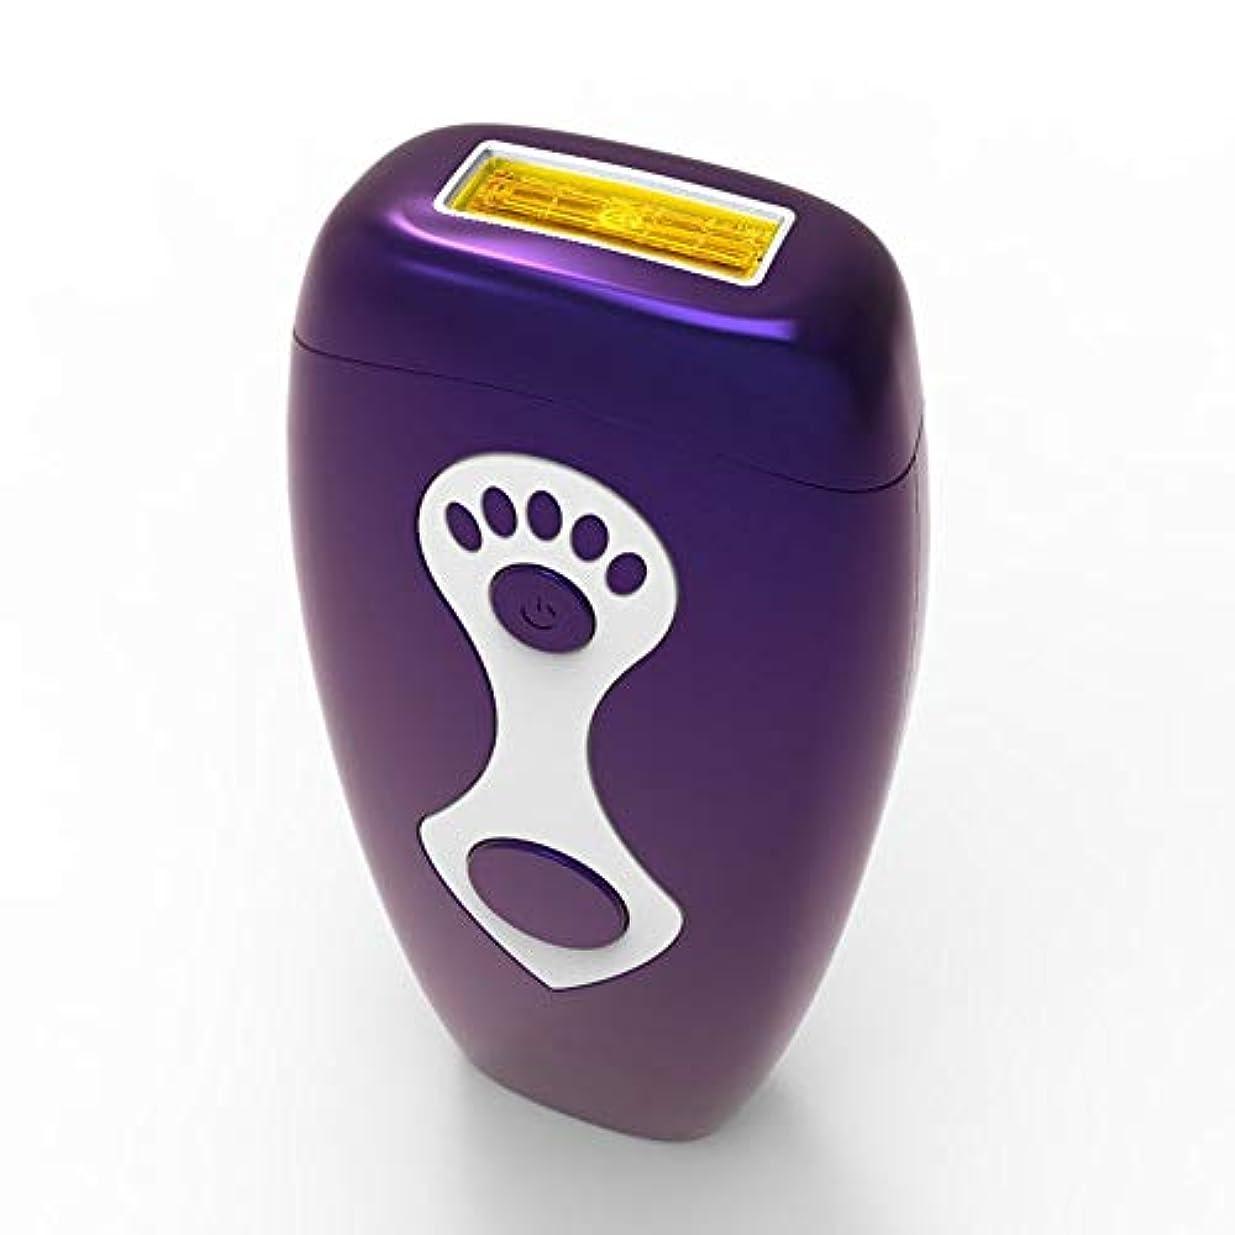 未亡人バンドつかの間パーマネント脱毛、家庭用ニュートラルヘアリムーバー、柔らかい肌、マルチ運動エネルギー、安全性、グレード5無料調整、サイズ7.5×16.5 Cm 効果が良い (Color : Purple)